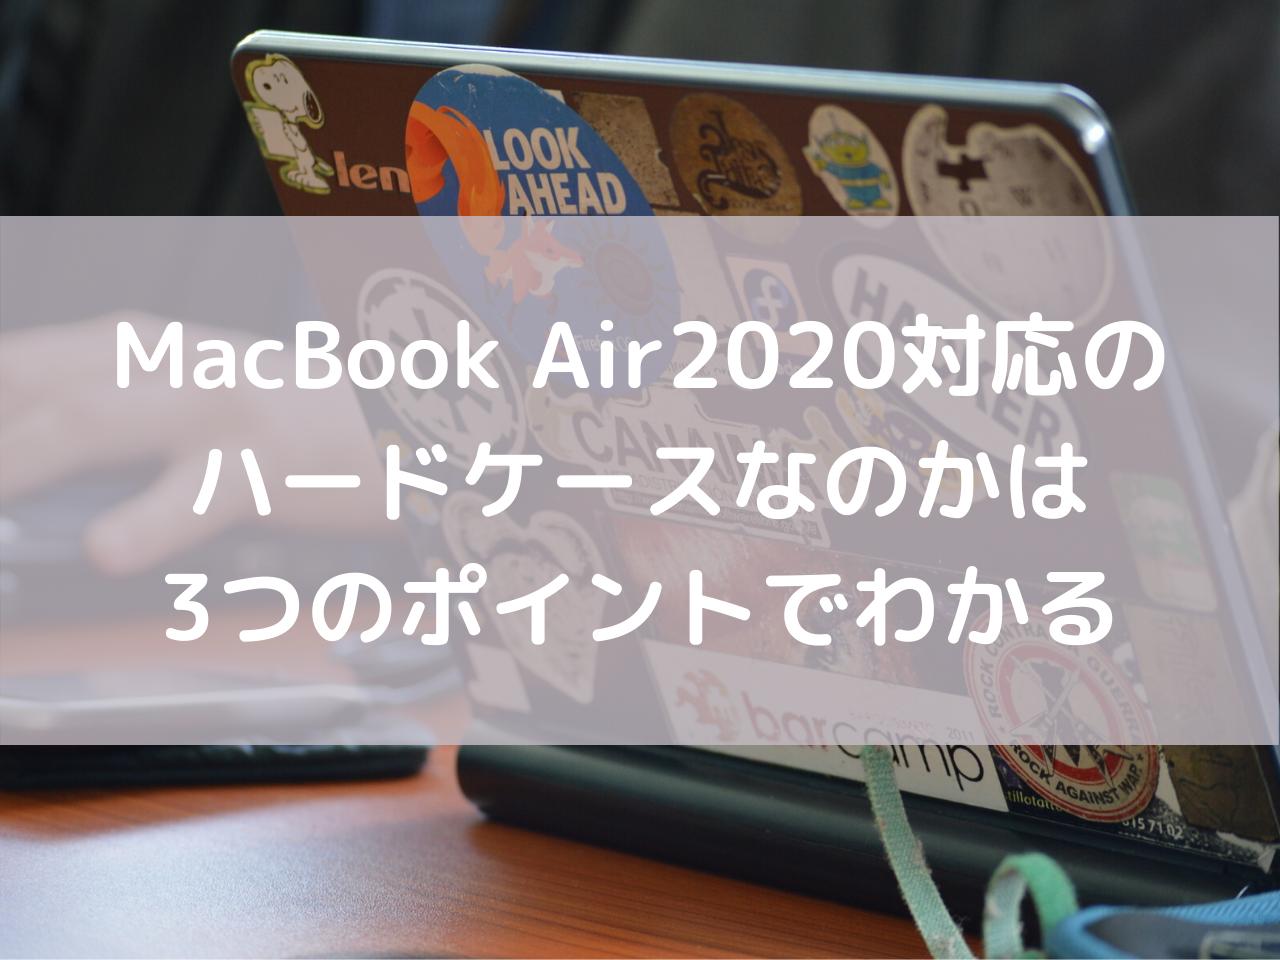 MacBook Air2020対応のハードケースなのかは3つのポイントでわかる